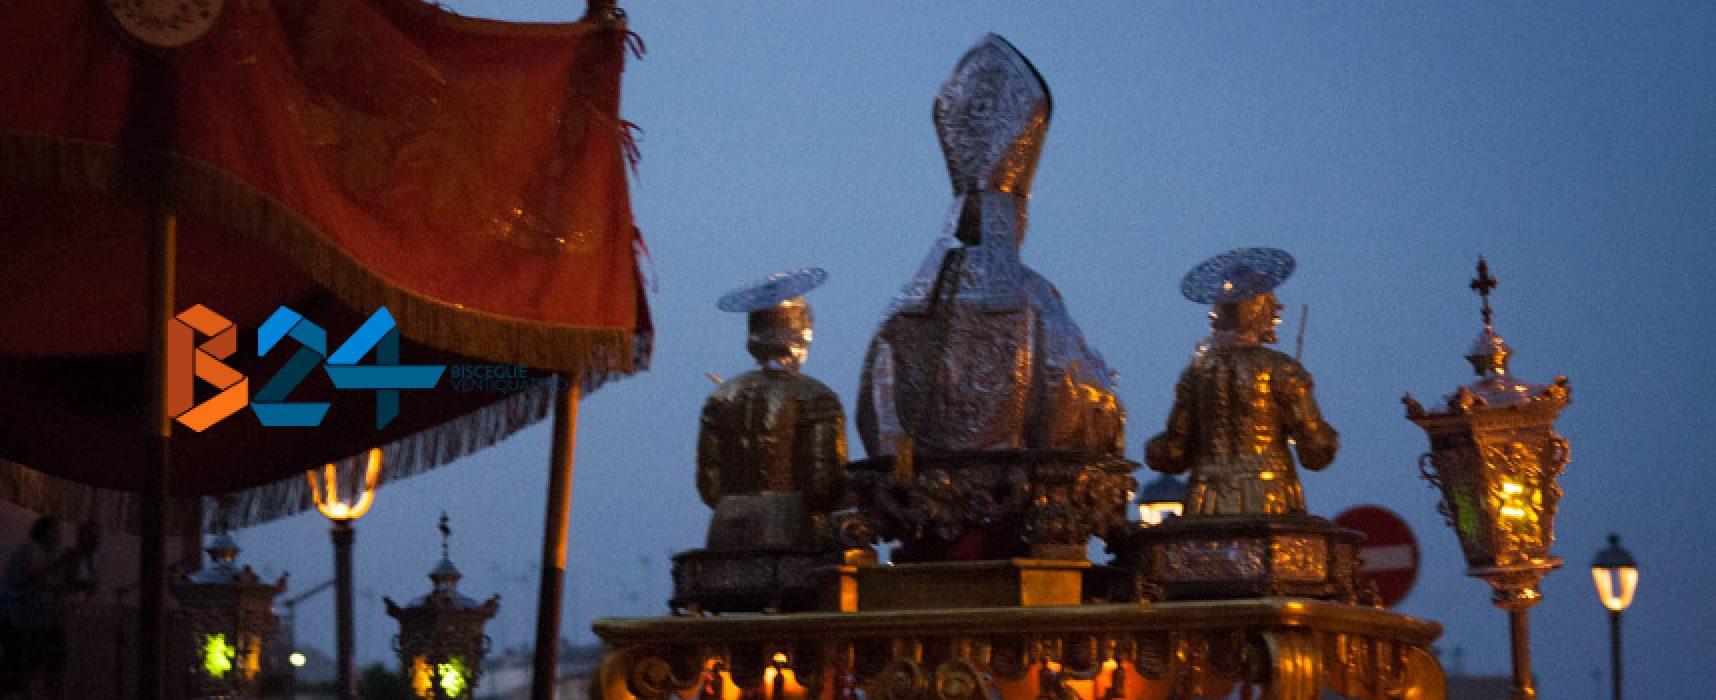 Nel centro storico nasce la piazza dei Tre Santi